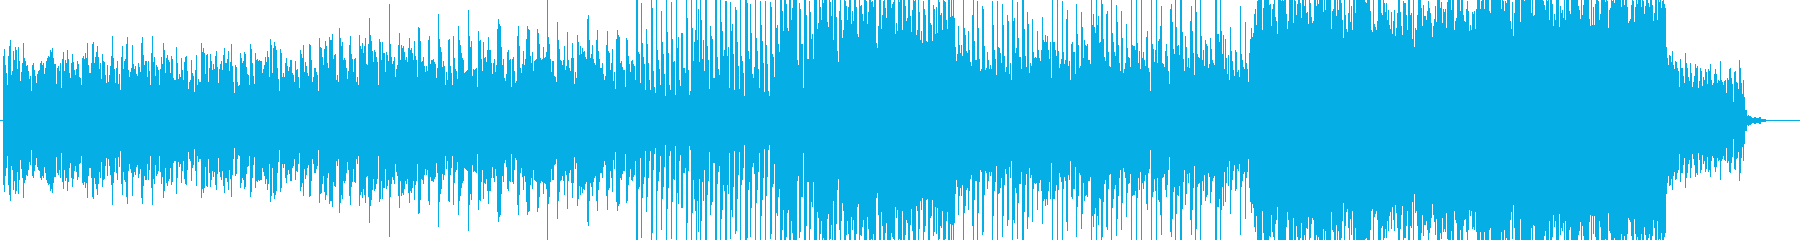 優しく切ないストリングス曲の再生済みの波形